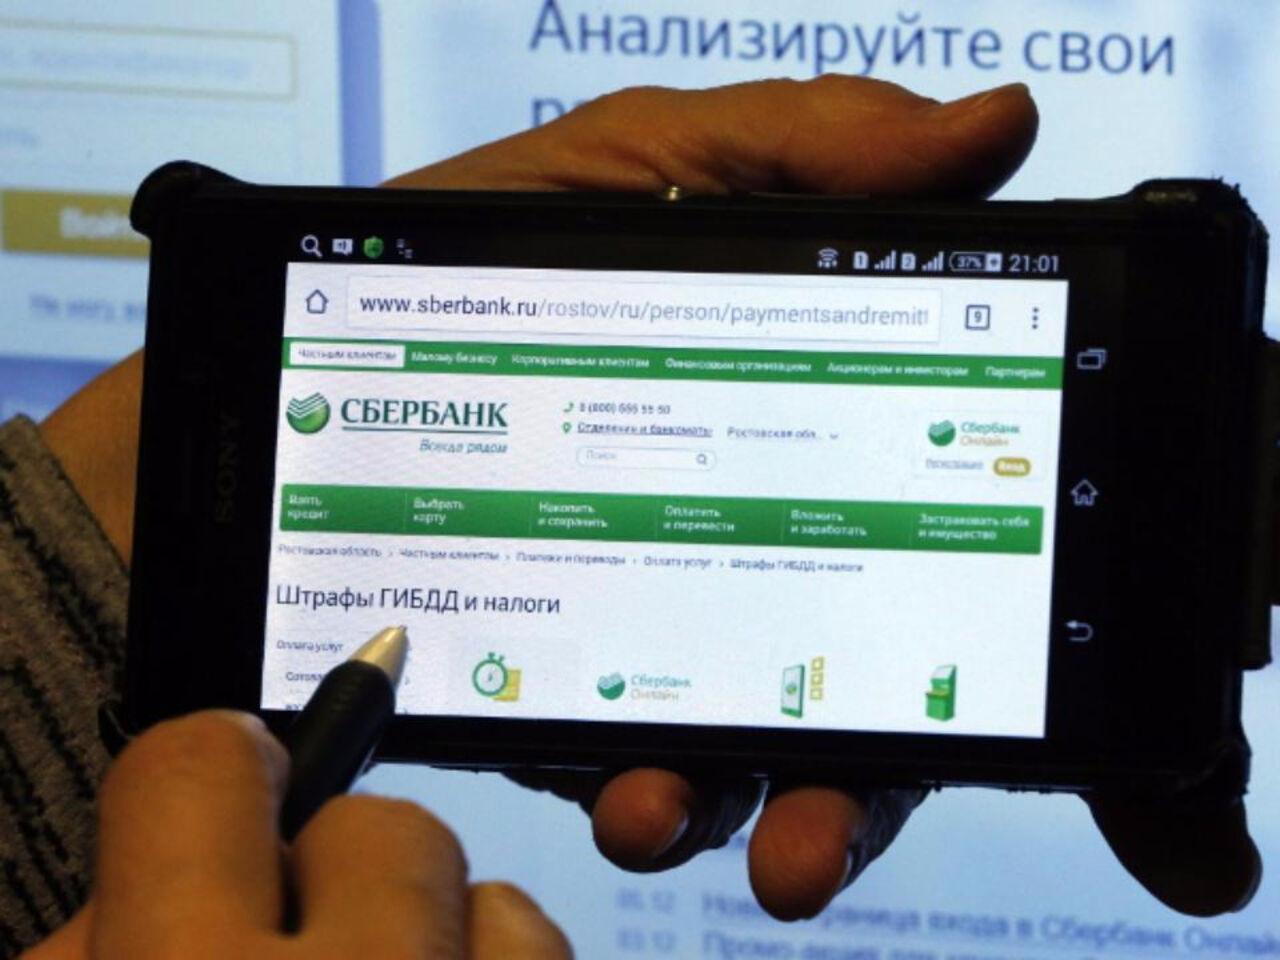 ВМВД России рассказали что более 100 тысяч клиентов'Сбербанка пострадали от интернет-мошенников сообщает'ЭхоМосквы